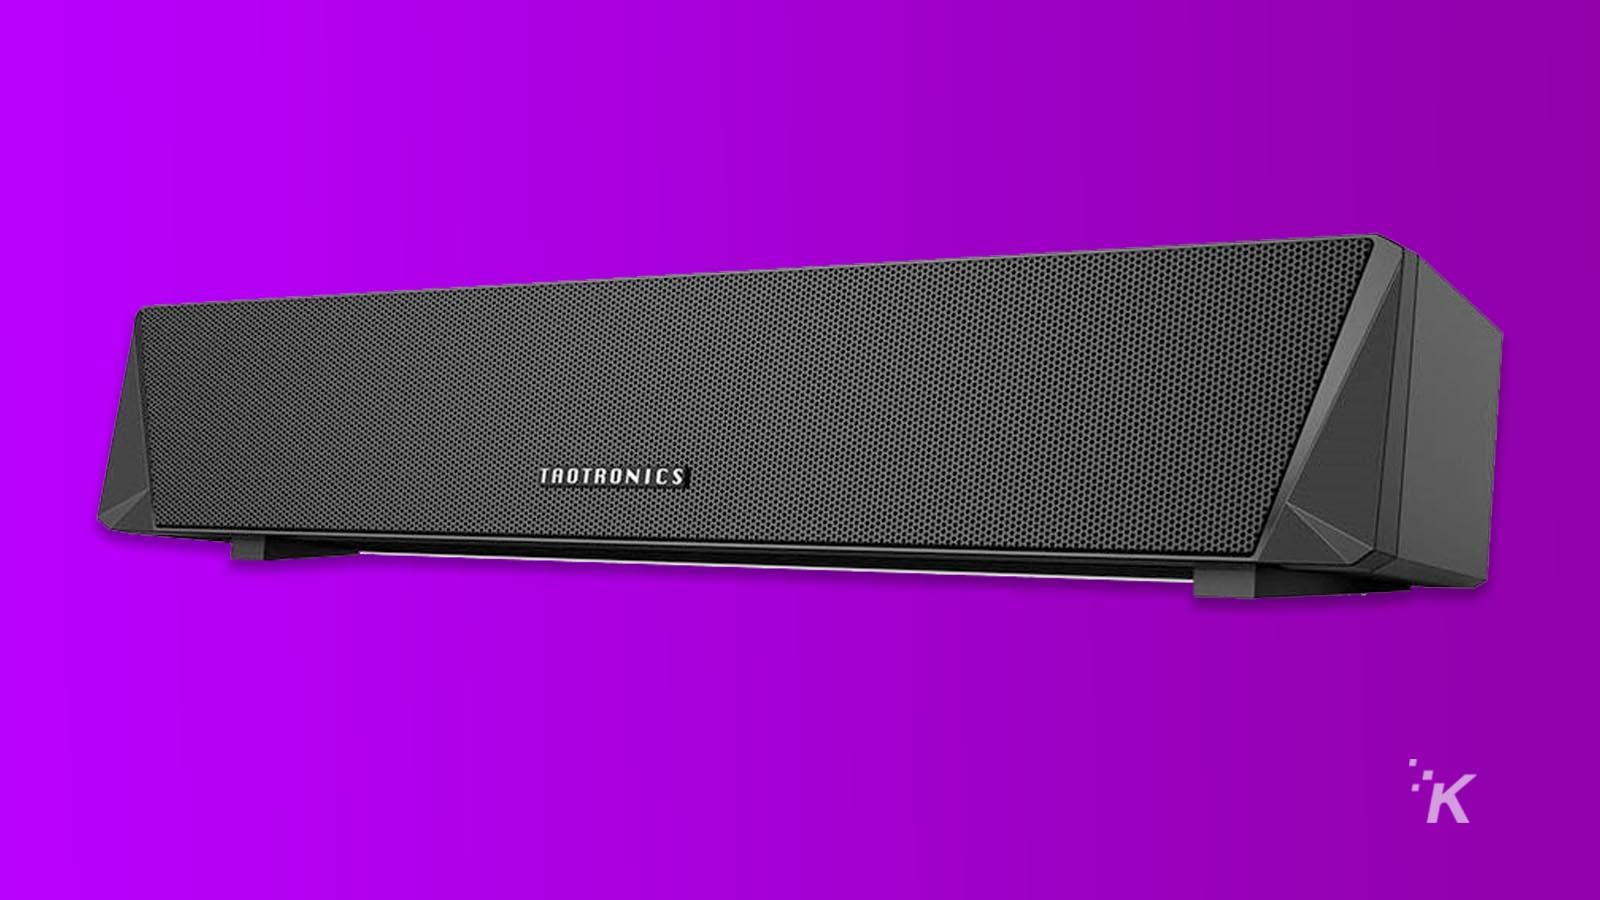 taotonics bluetooth speaker